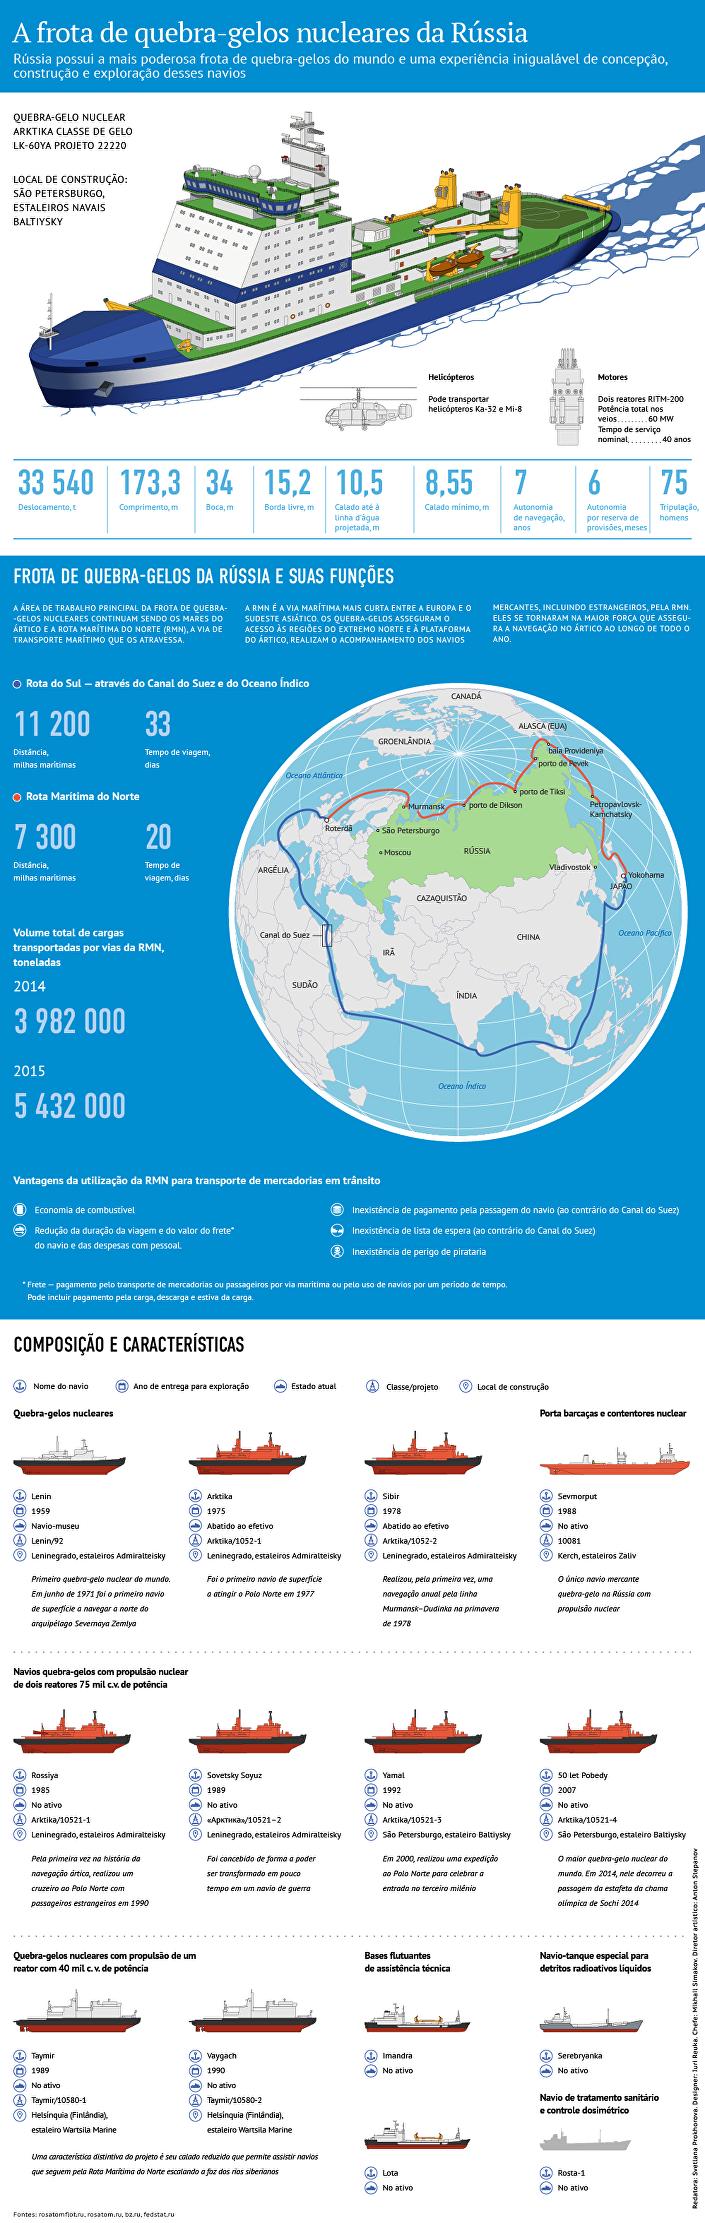 Arktika, o maior quebra-gelo nuclear no mundo